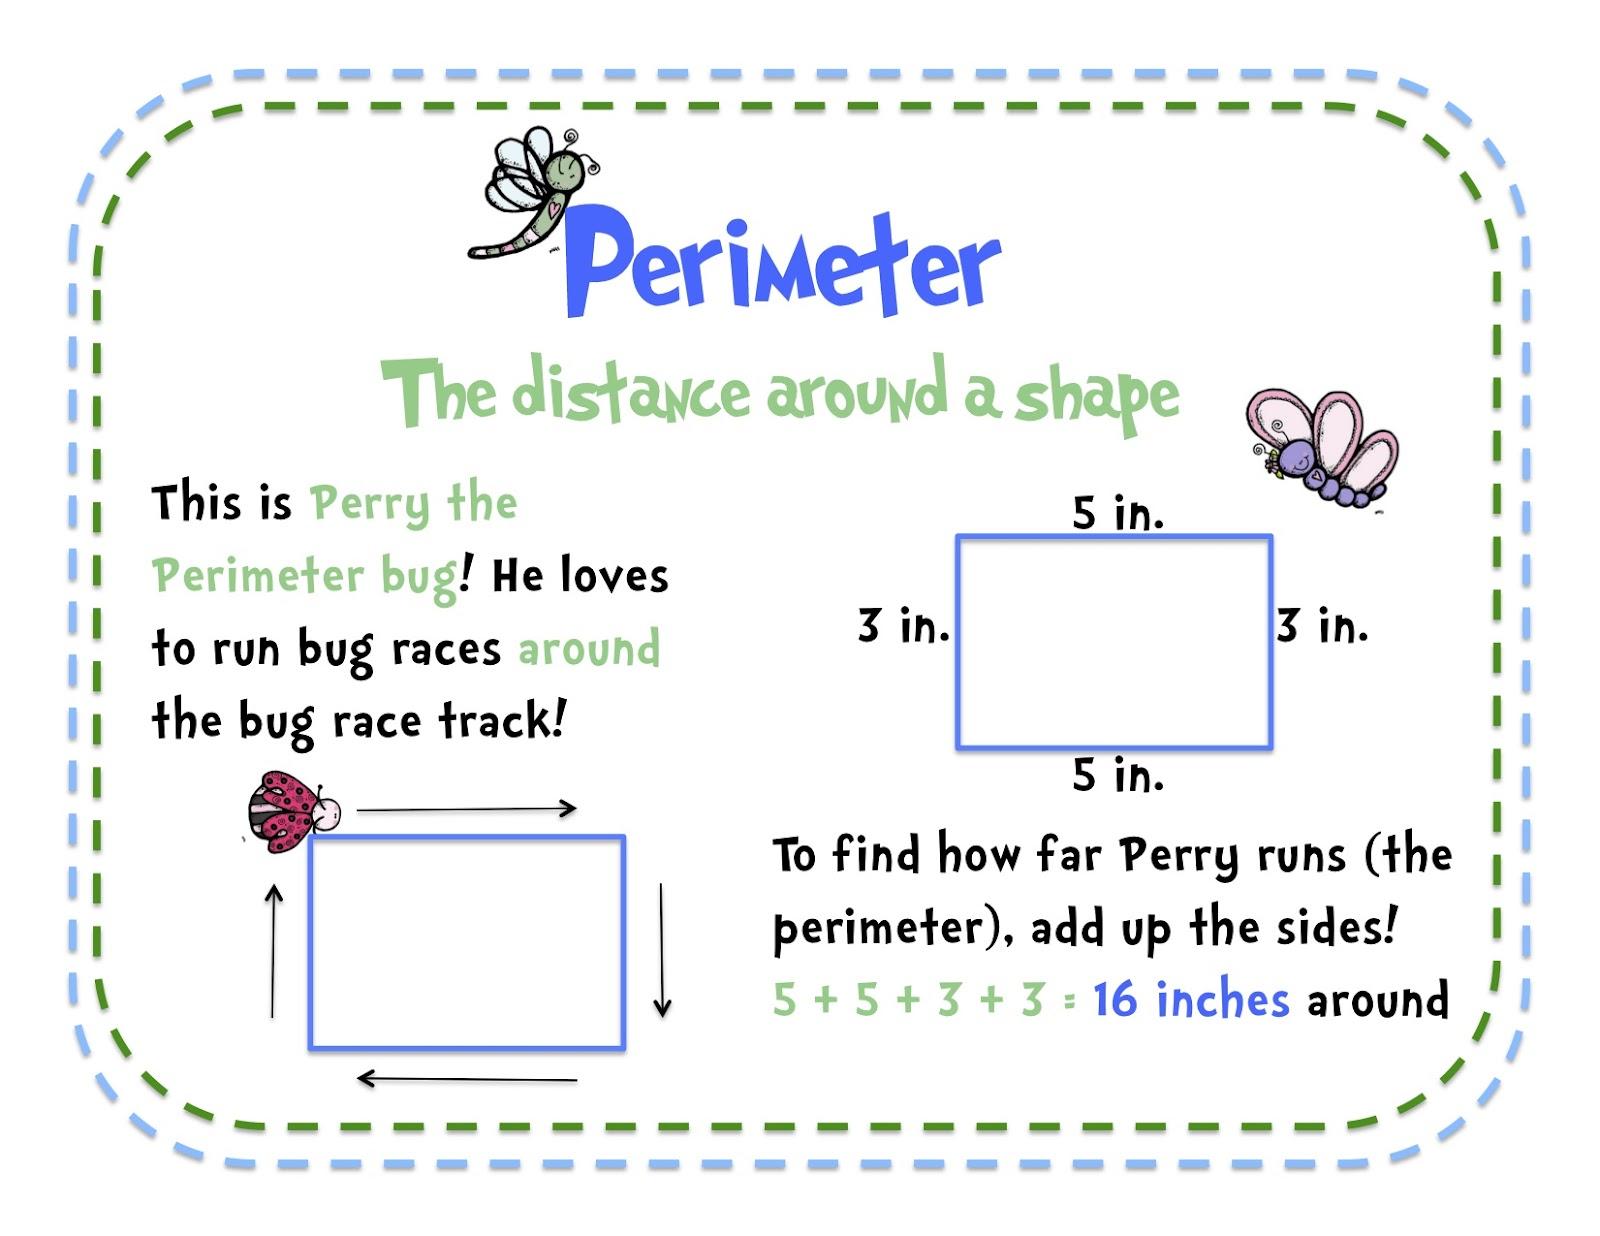 Worksheet Math Definition For Kids worksheet math definition for kids mikyu free area clipart kid http gillville2point0 edublogs org 2010 11 06